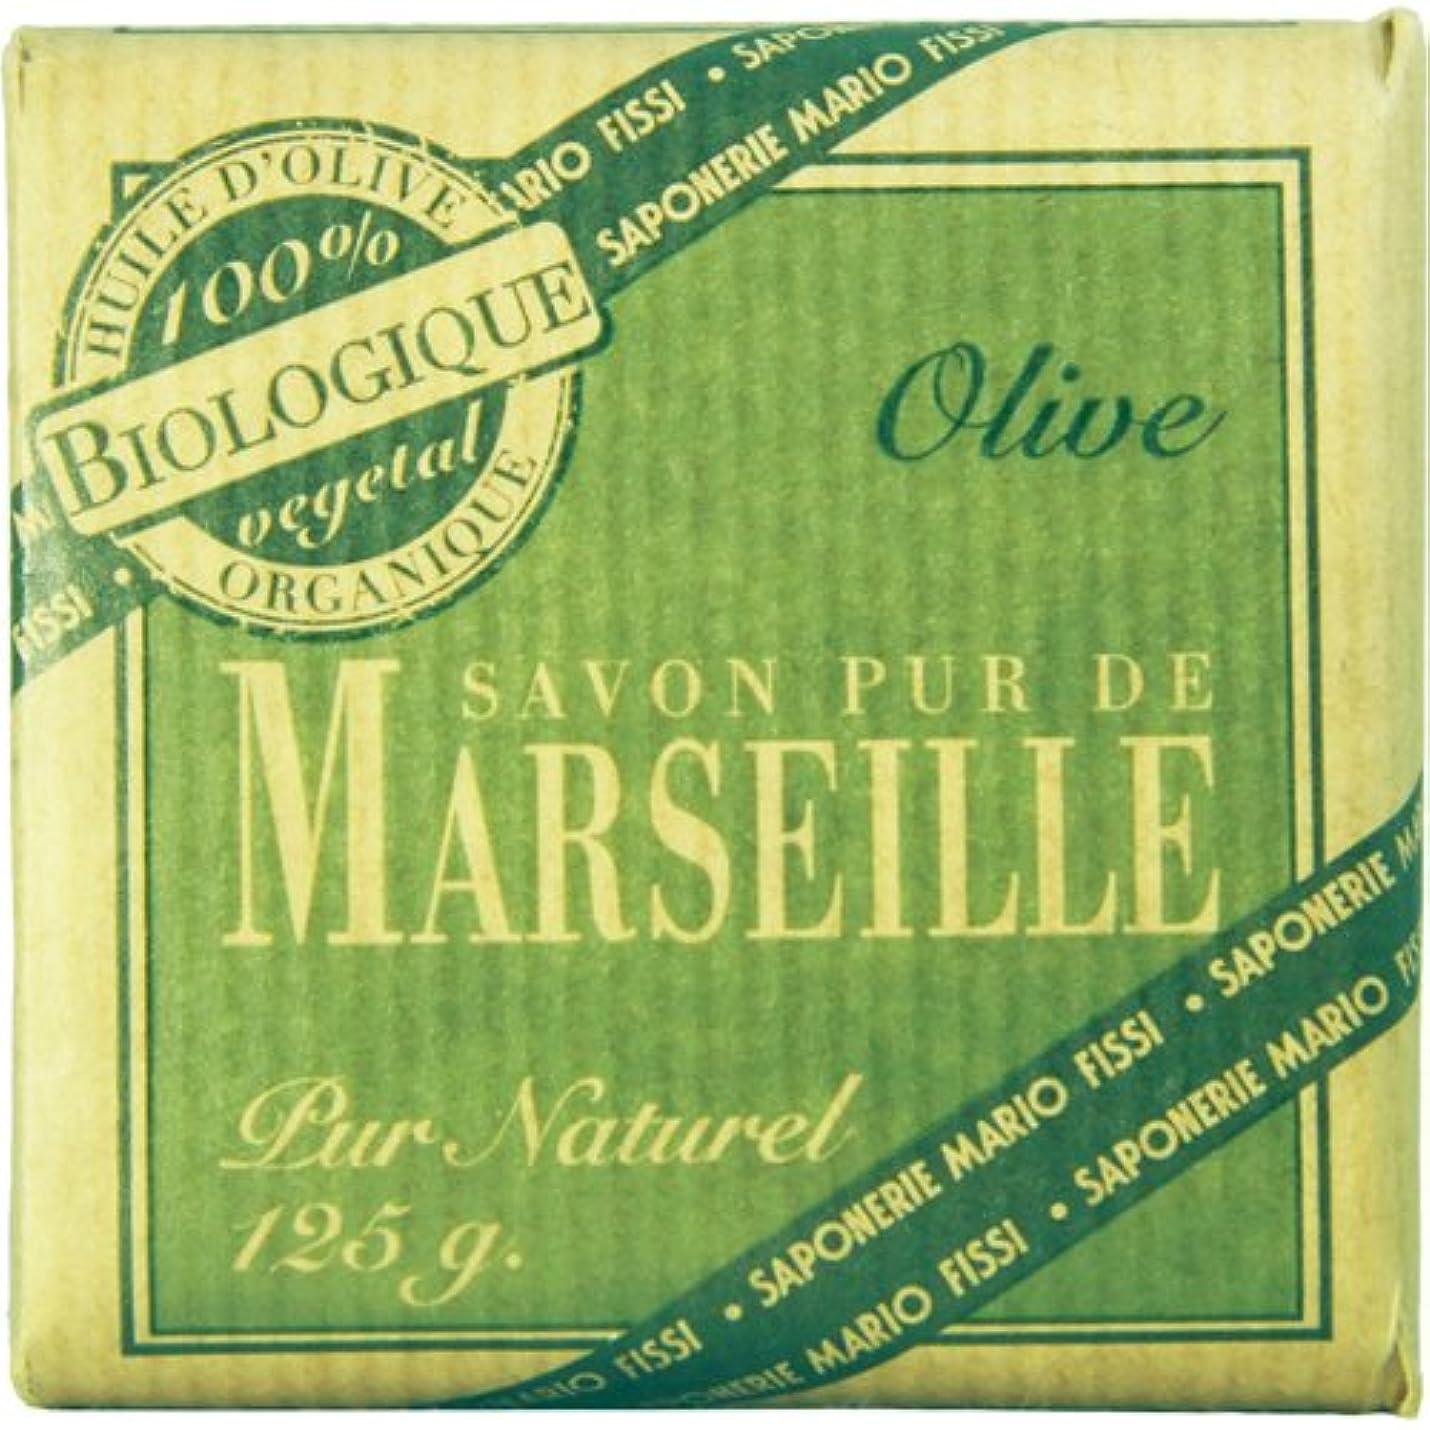 アシストふつう評決Saponerire Fissi マルセイユシリーズ マルセイユソープ 125g Olive オリーブ